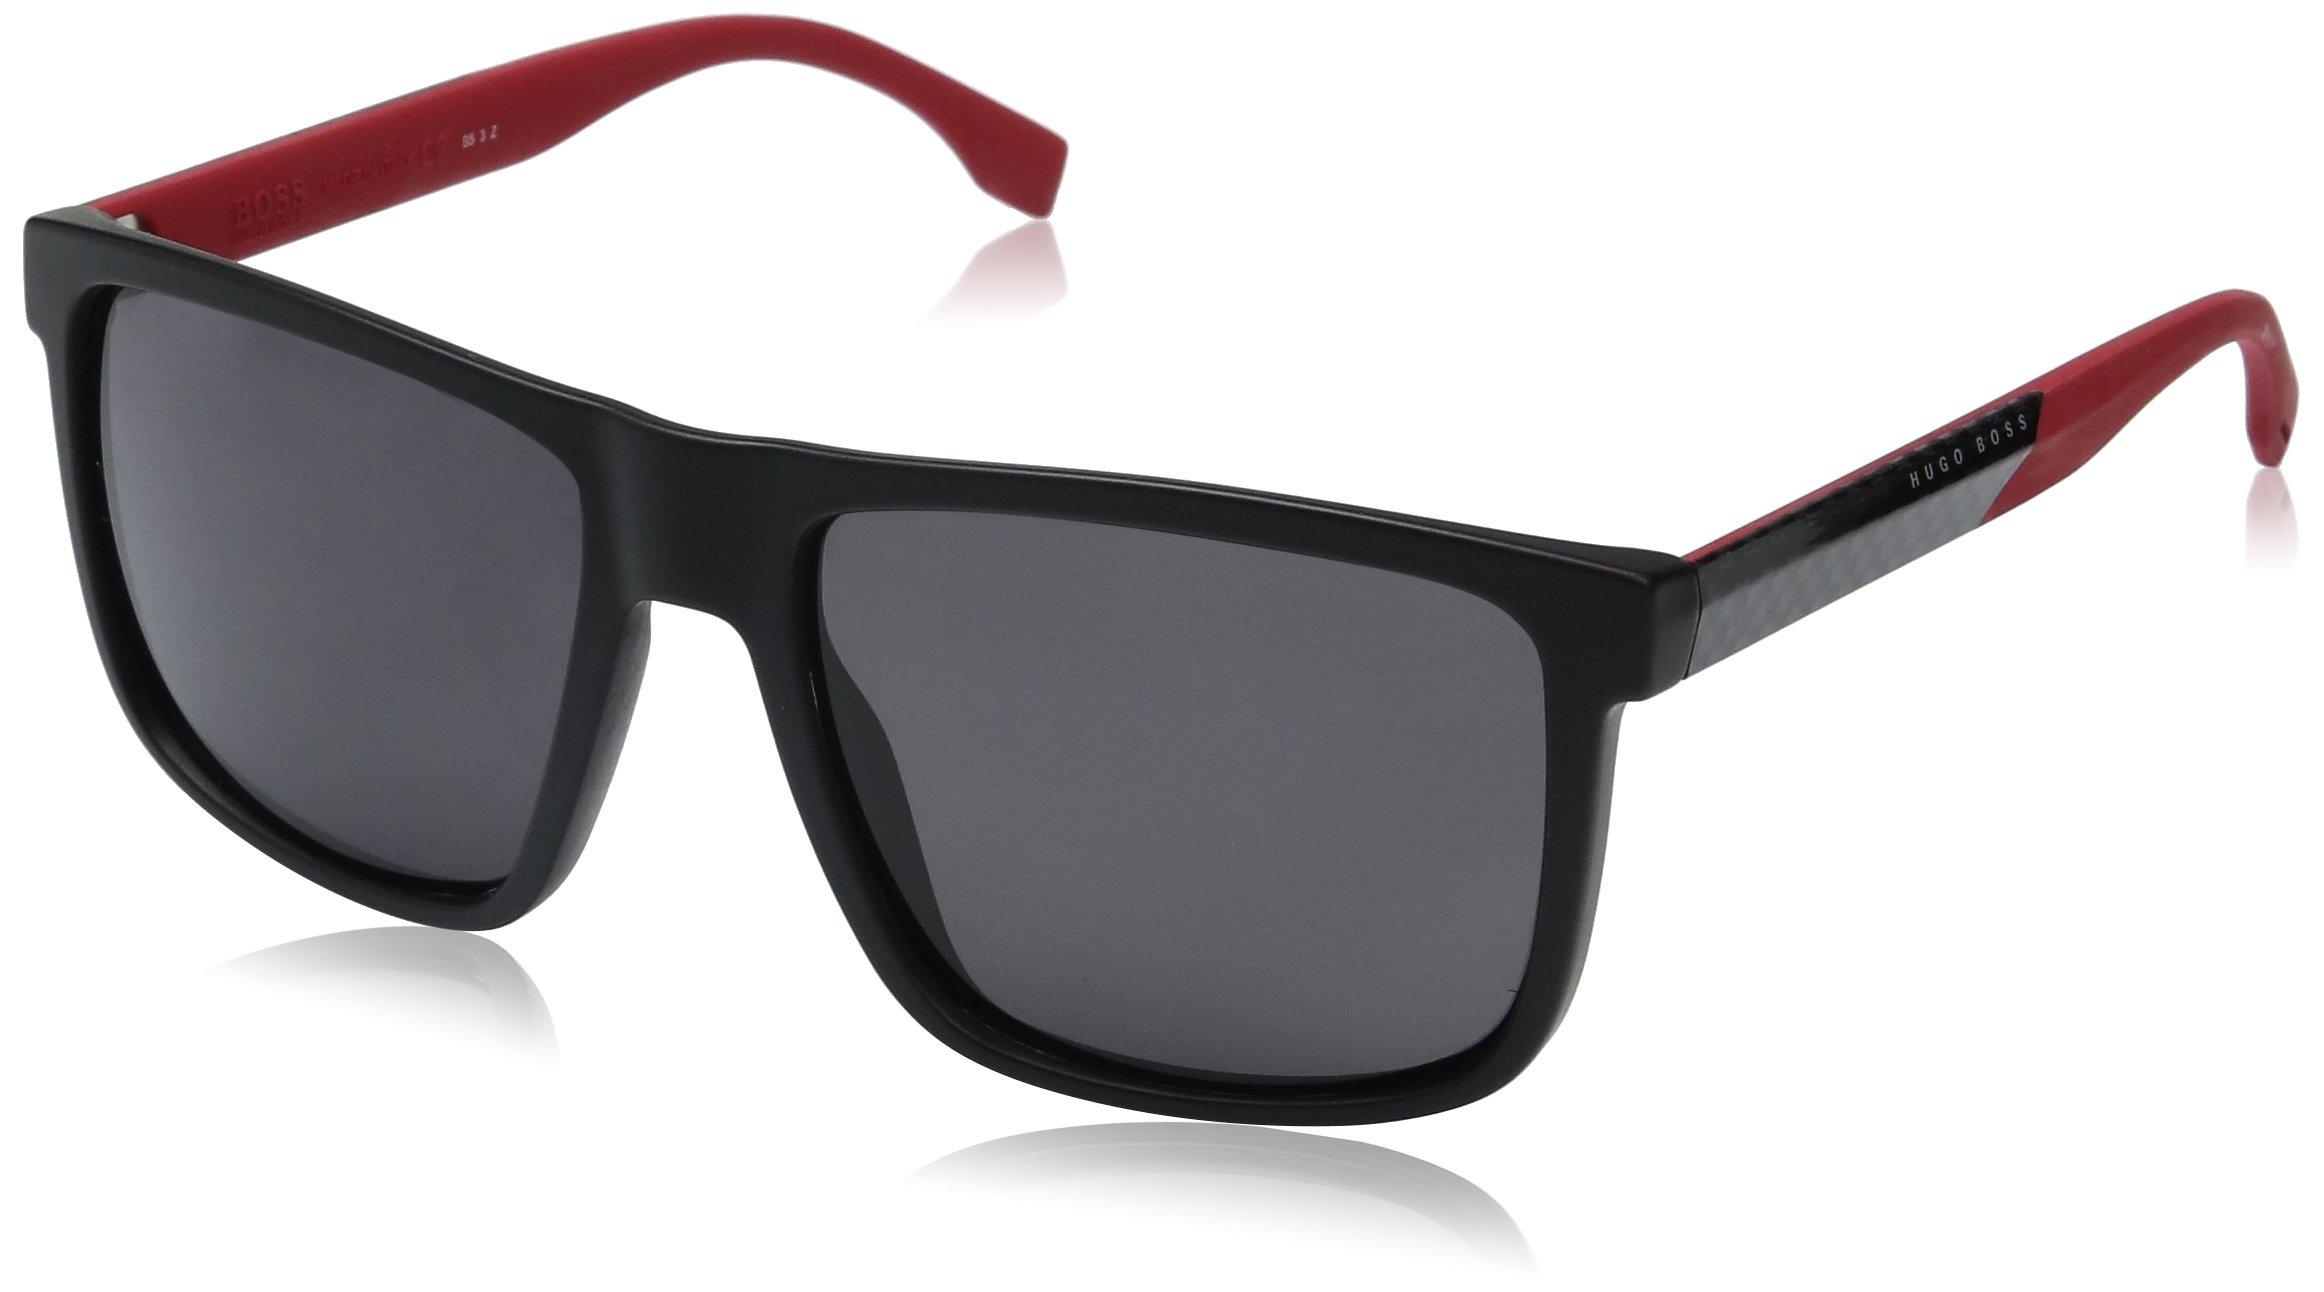 BOSS by Hugo Boss Men's B0879s Rectangular Sunglasses, Matte Black/Smoke Polarized, 57 mm